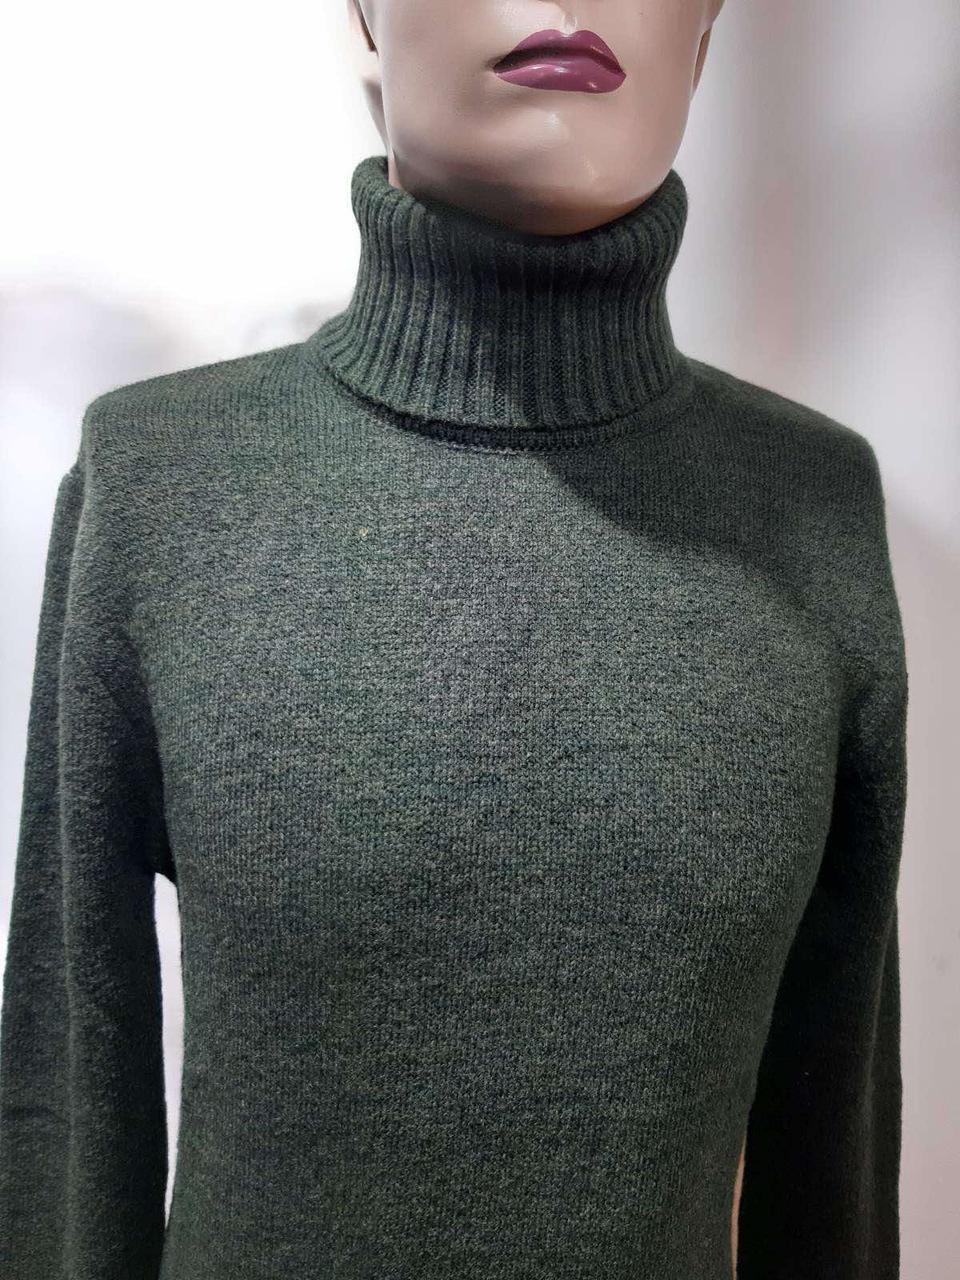 Чоловічий светр теплий вовняний гольф Rewac зимовий під горло Зелений